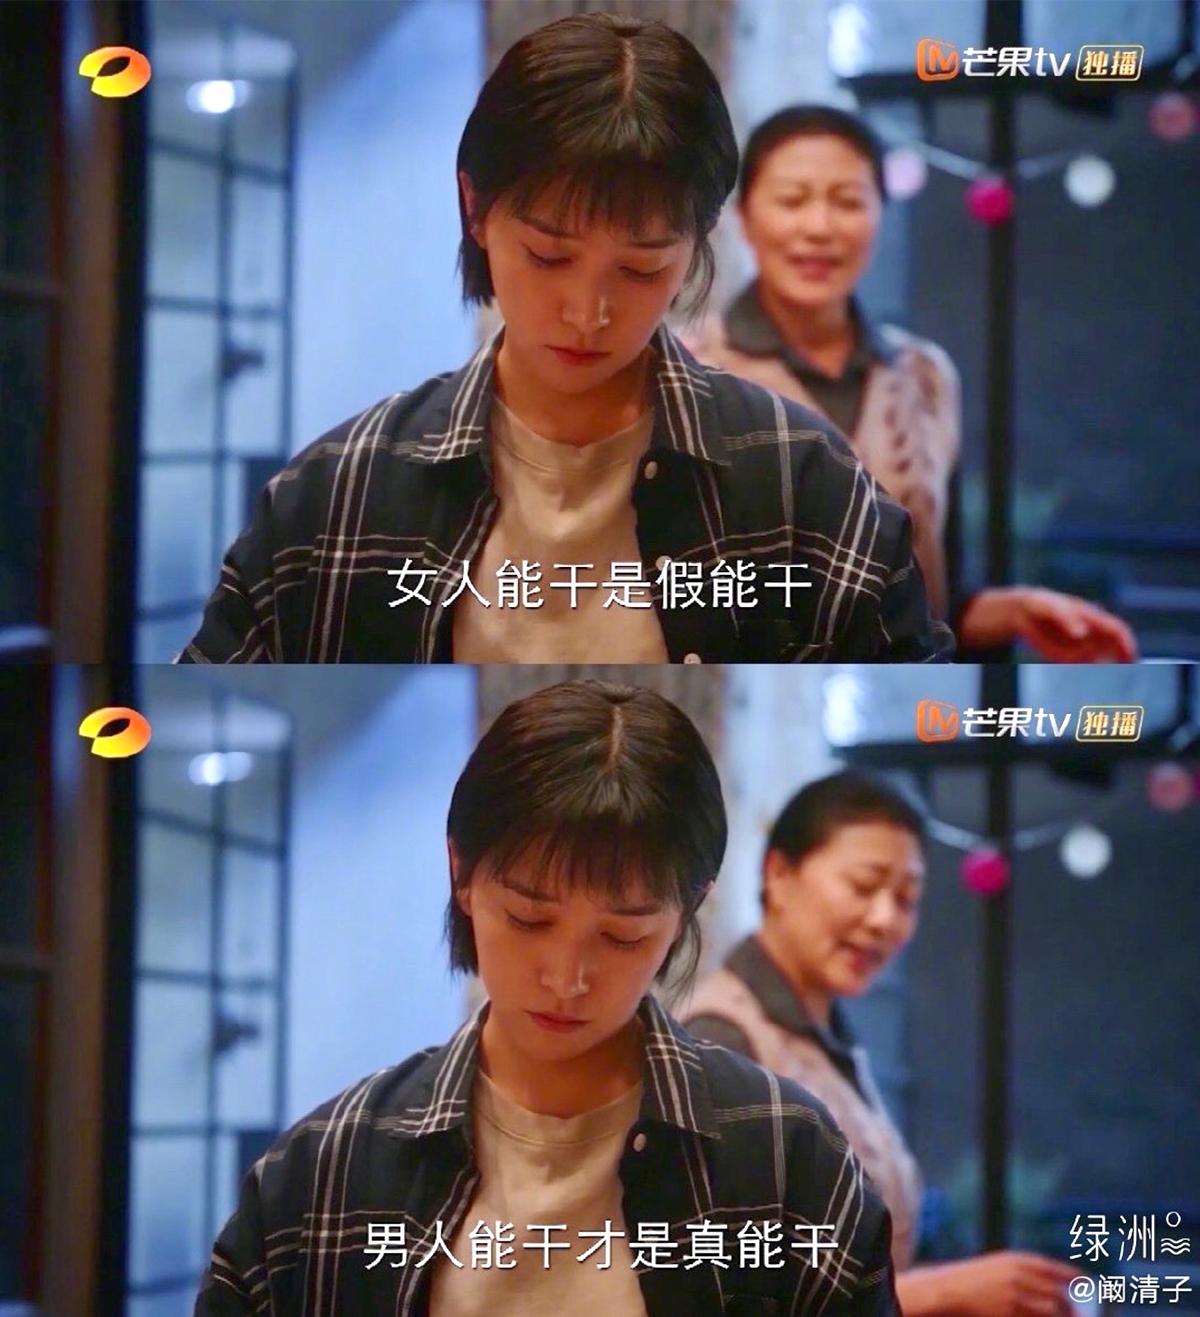 https://level8cases.oss-cn-hangzhou.aliyuncs.com/2-0094b52b-d9d3-4dac-91c9-bc4063eedeee.jpg